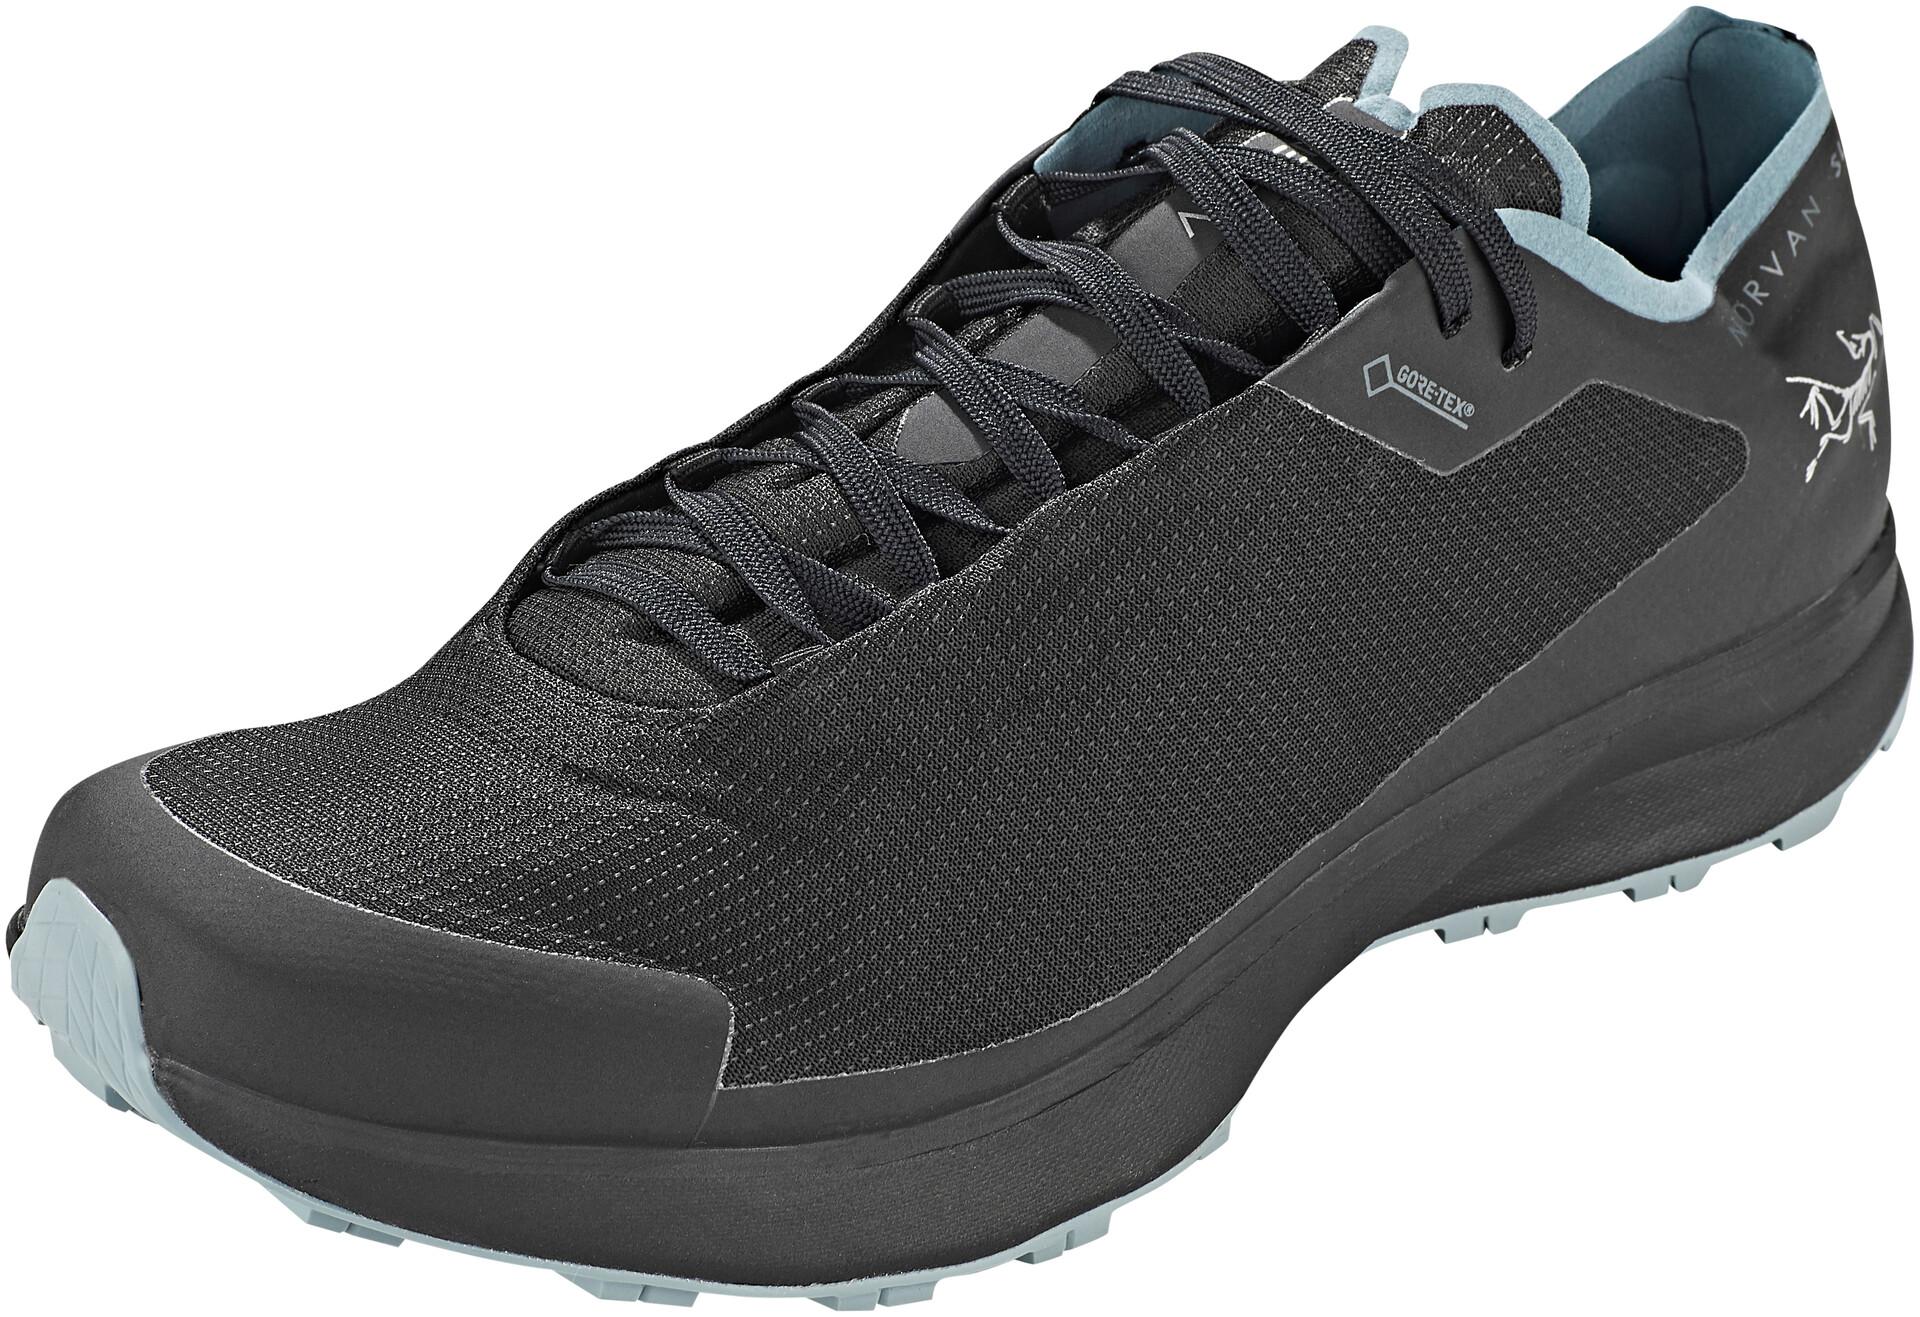 Arc'teryx Norvan SL GTX Shoes Men black